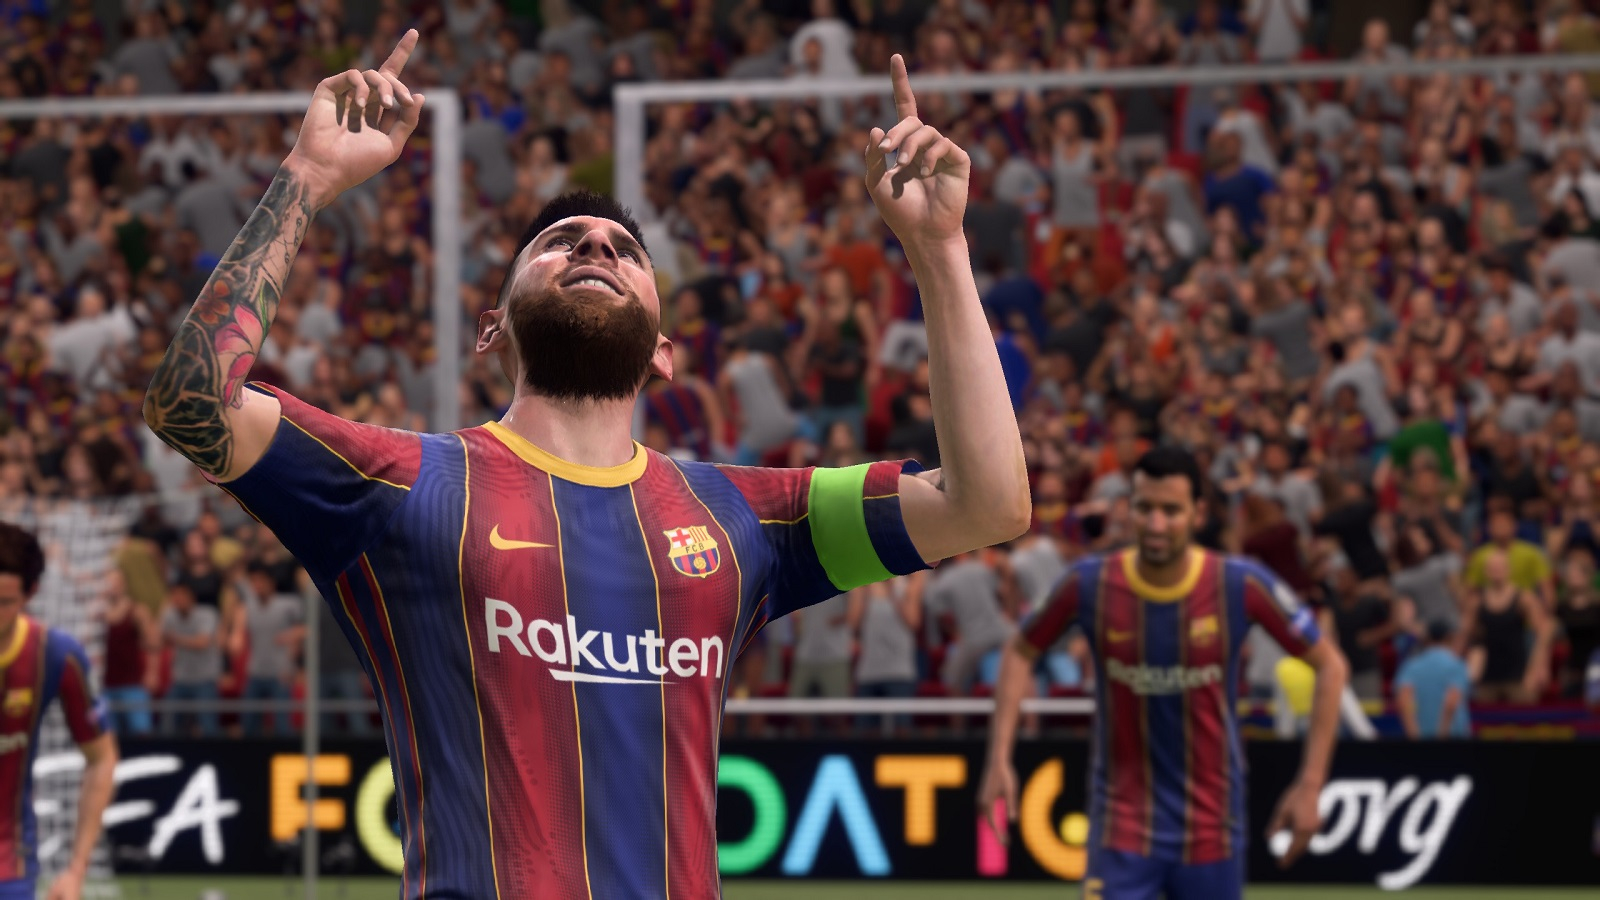 Британские чарты: Outriders не попала в топ-5, а FIFA 21 вернулась на вершину